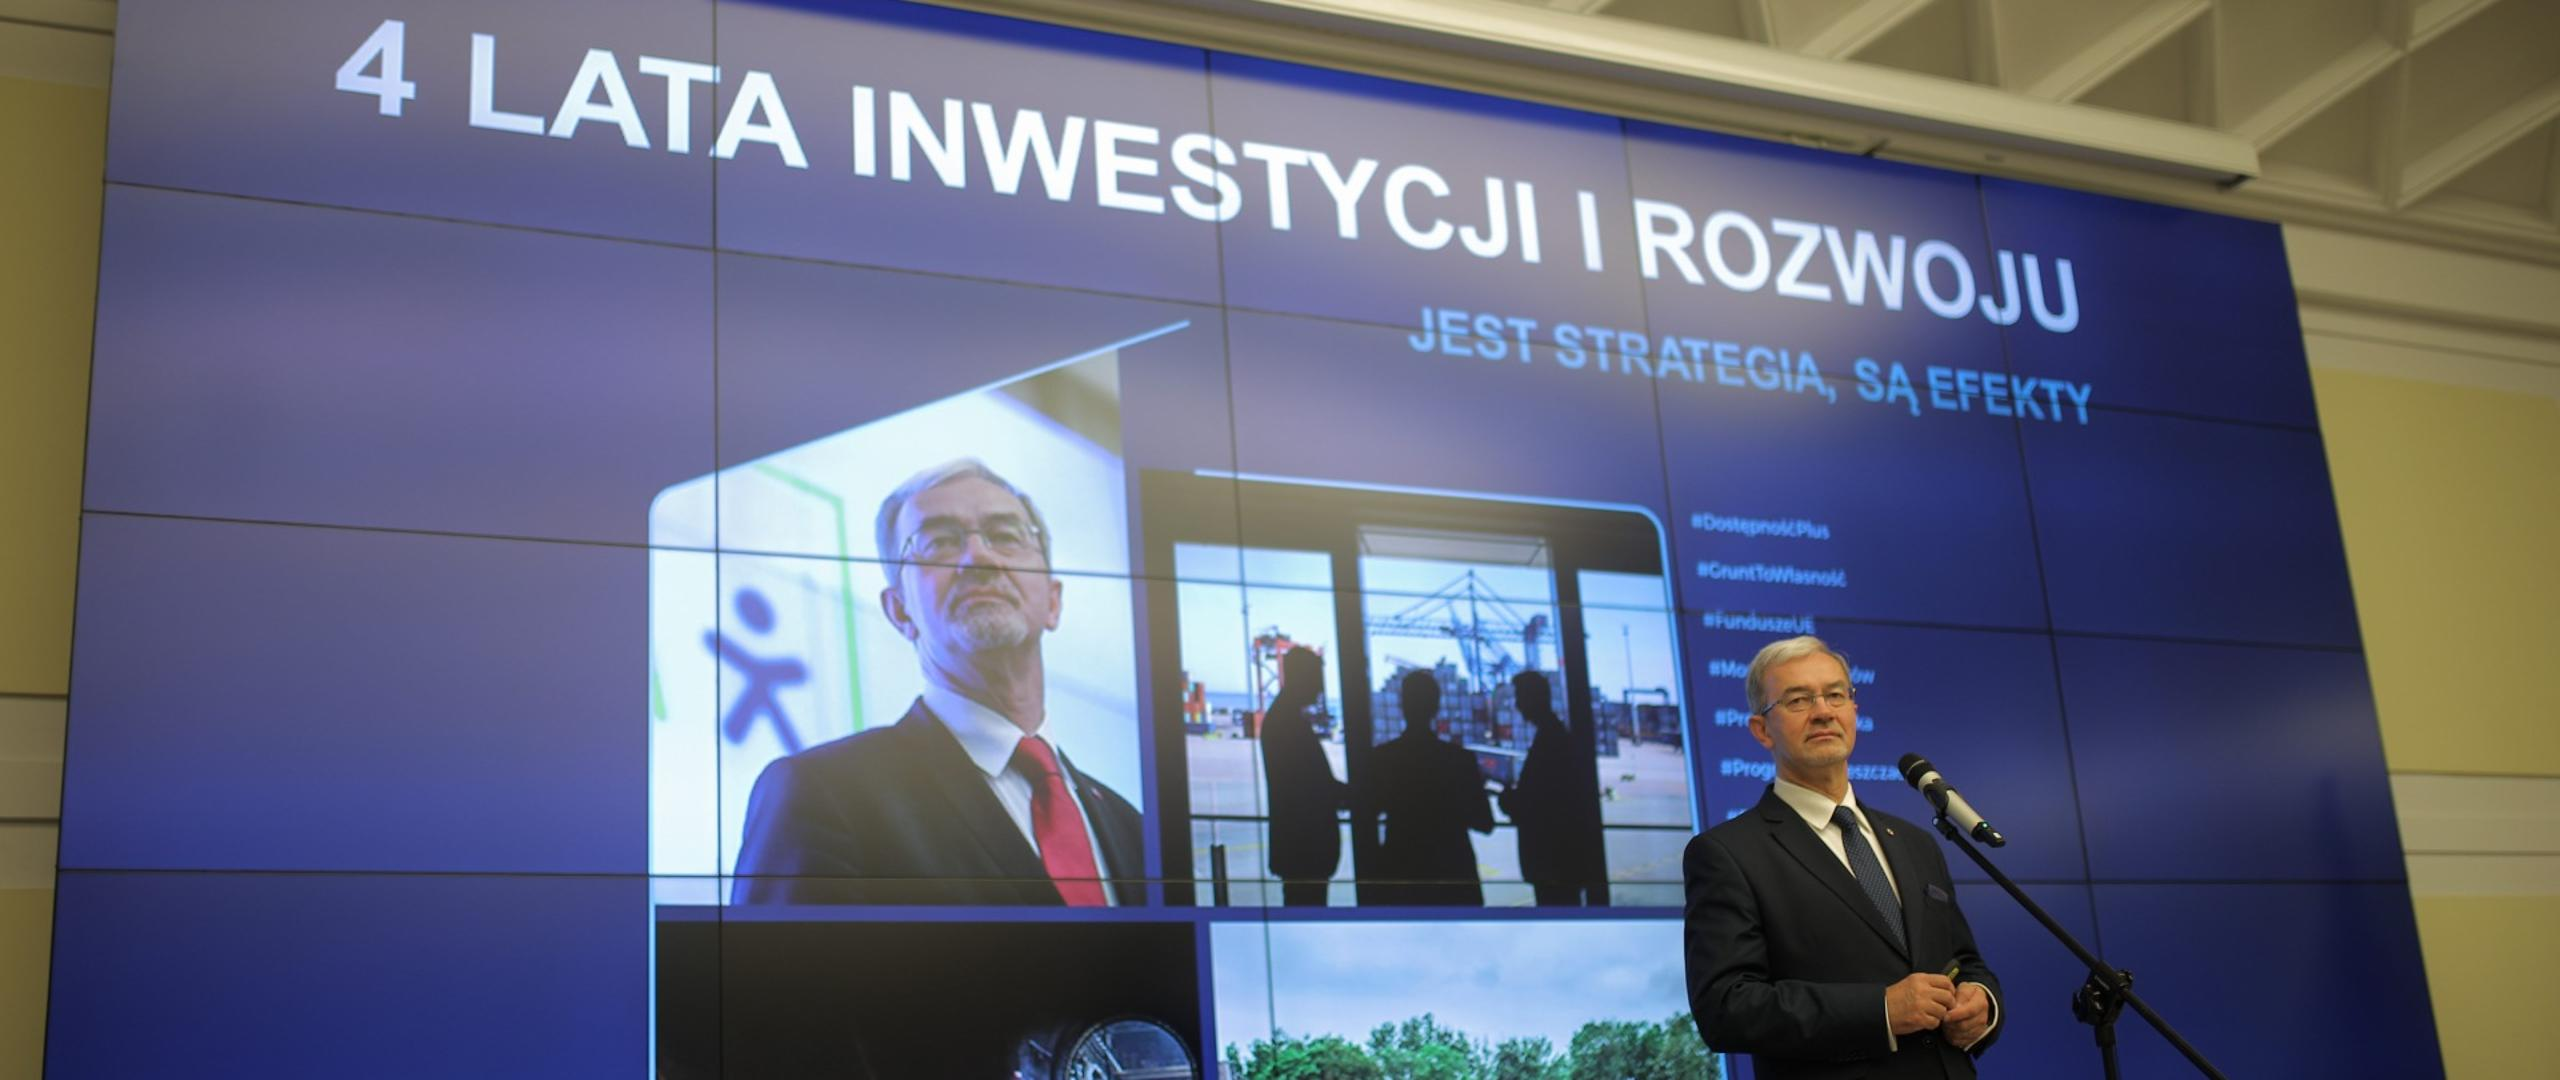 Minister Jerzy Kwieciński na scenie przy mikrofonie podczas konferencji, za nim ekran z grafiką ze zdjęciami związanymi z pracami ministerstwa oraz tytułem